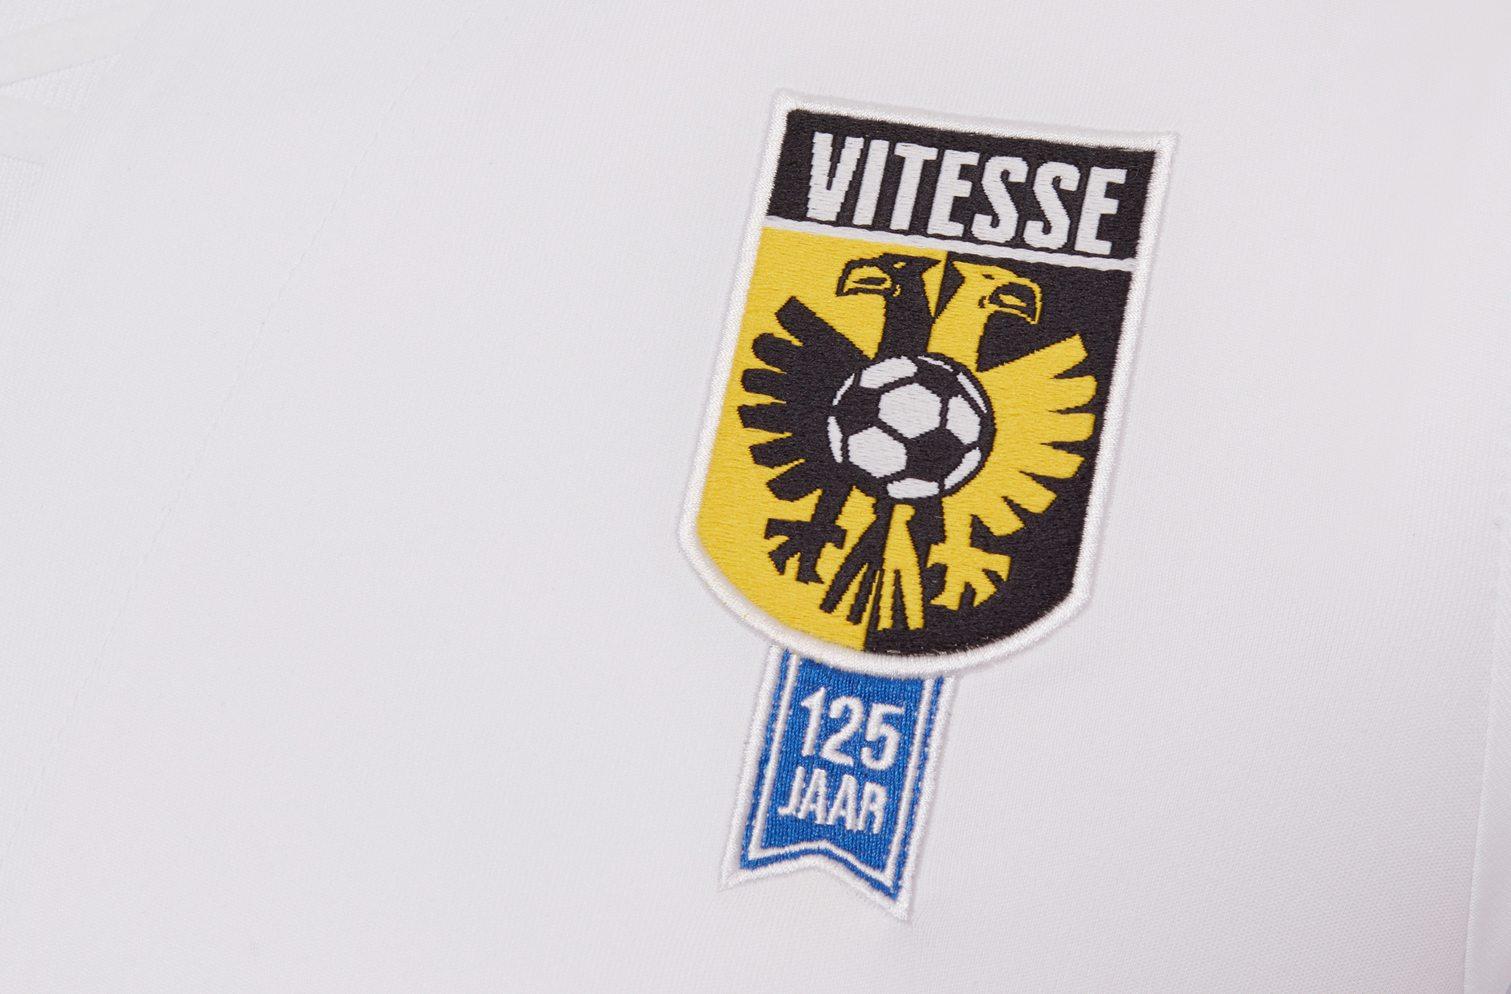 Camiseta suplente del Vitesse Arnhem | Foto Macron